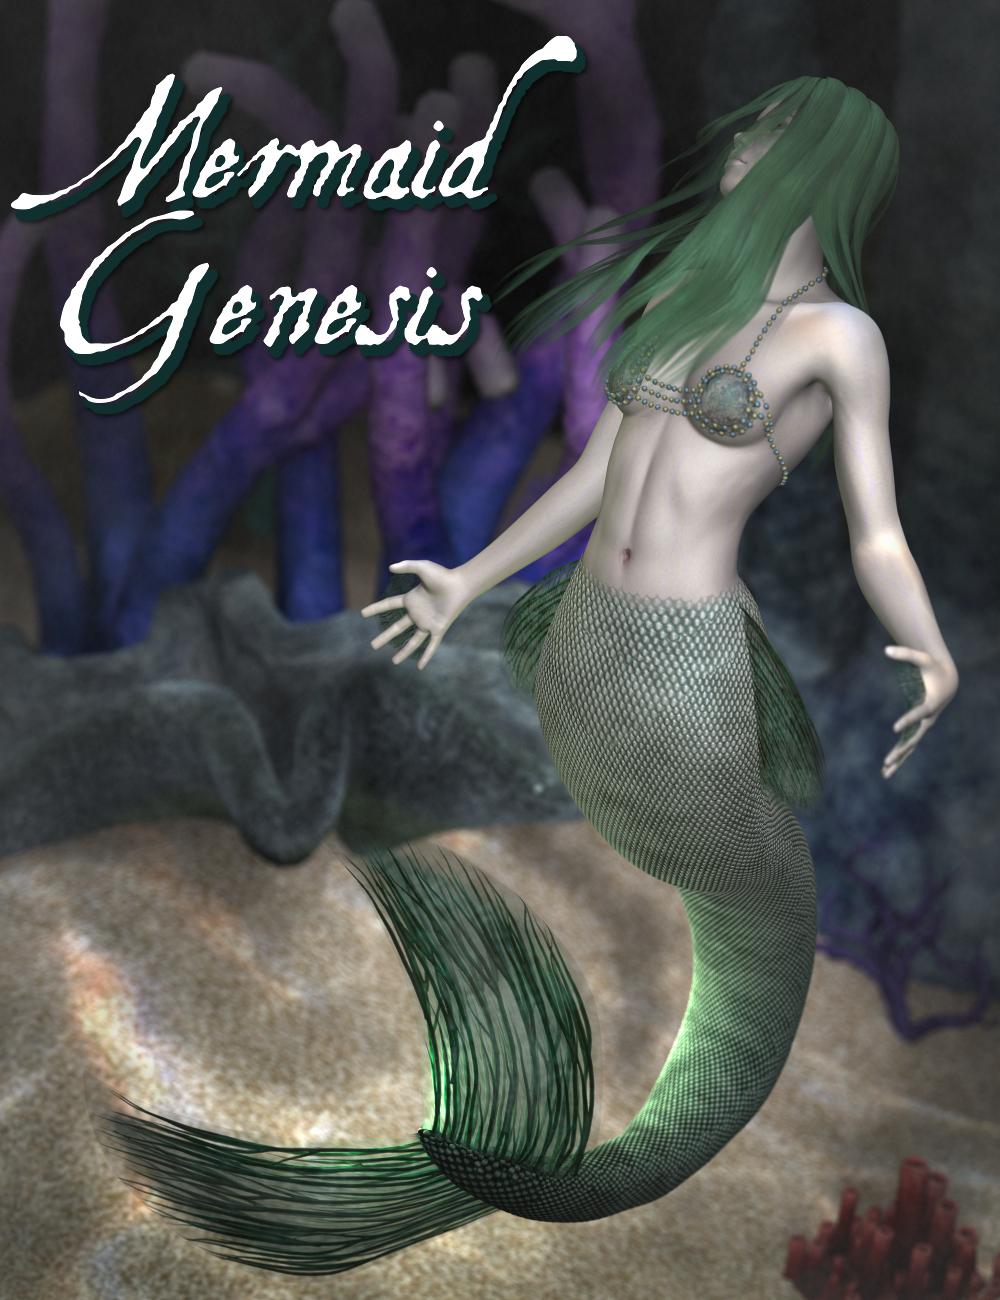 Mermaid Genesis by: SickleyieldFuseling, 3D Models by Daz 3D